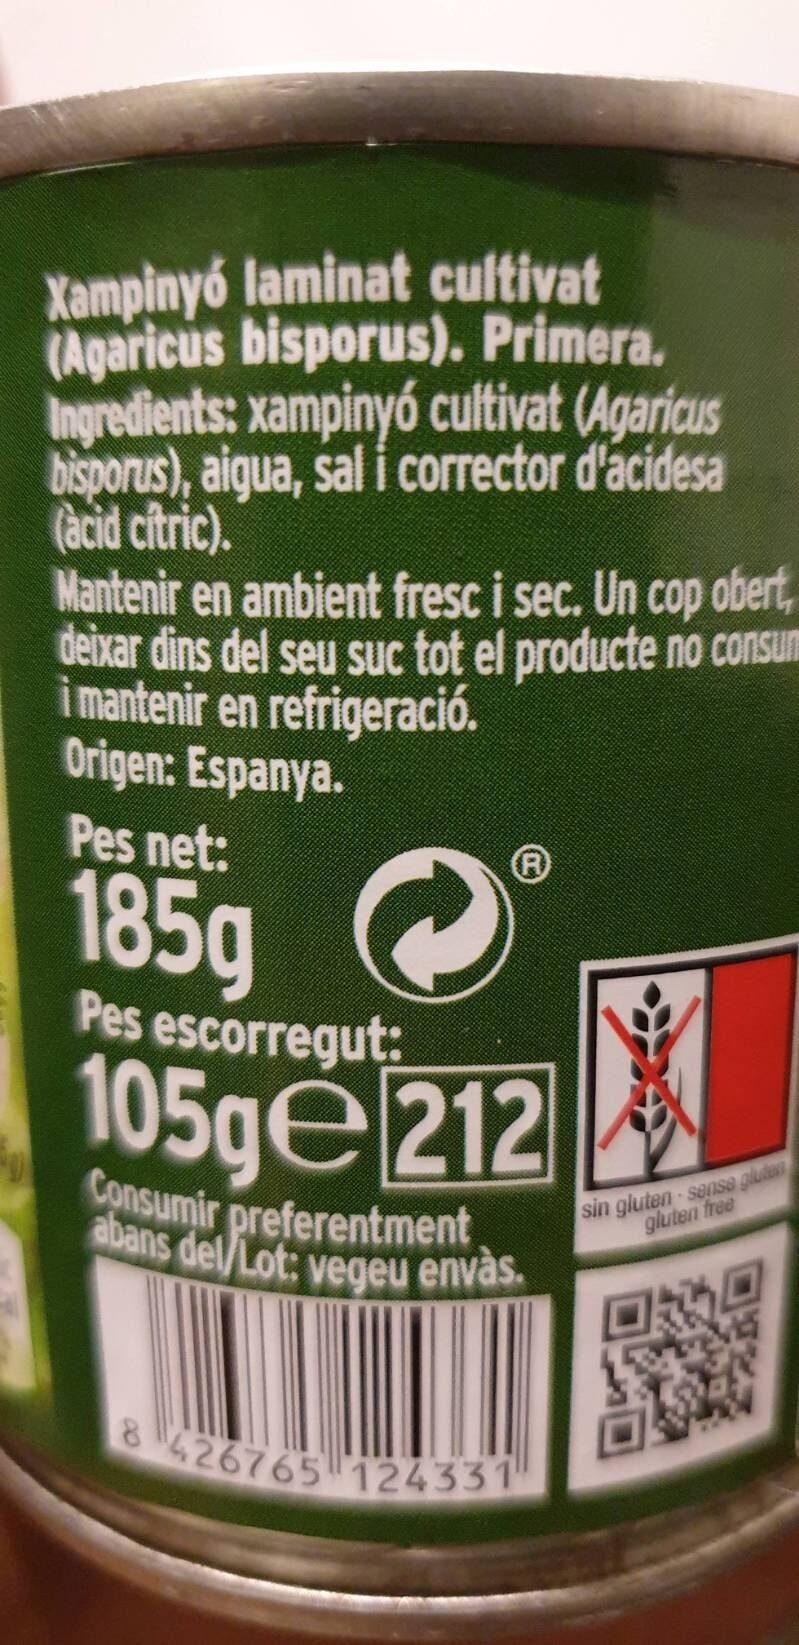 Xampinyons laminats - Ingredients - es